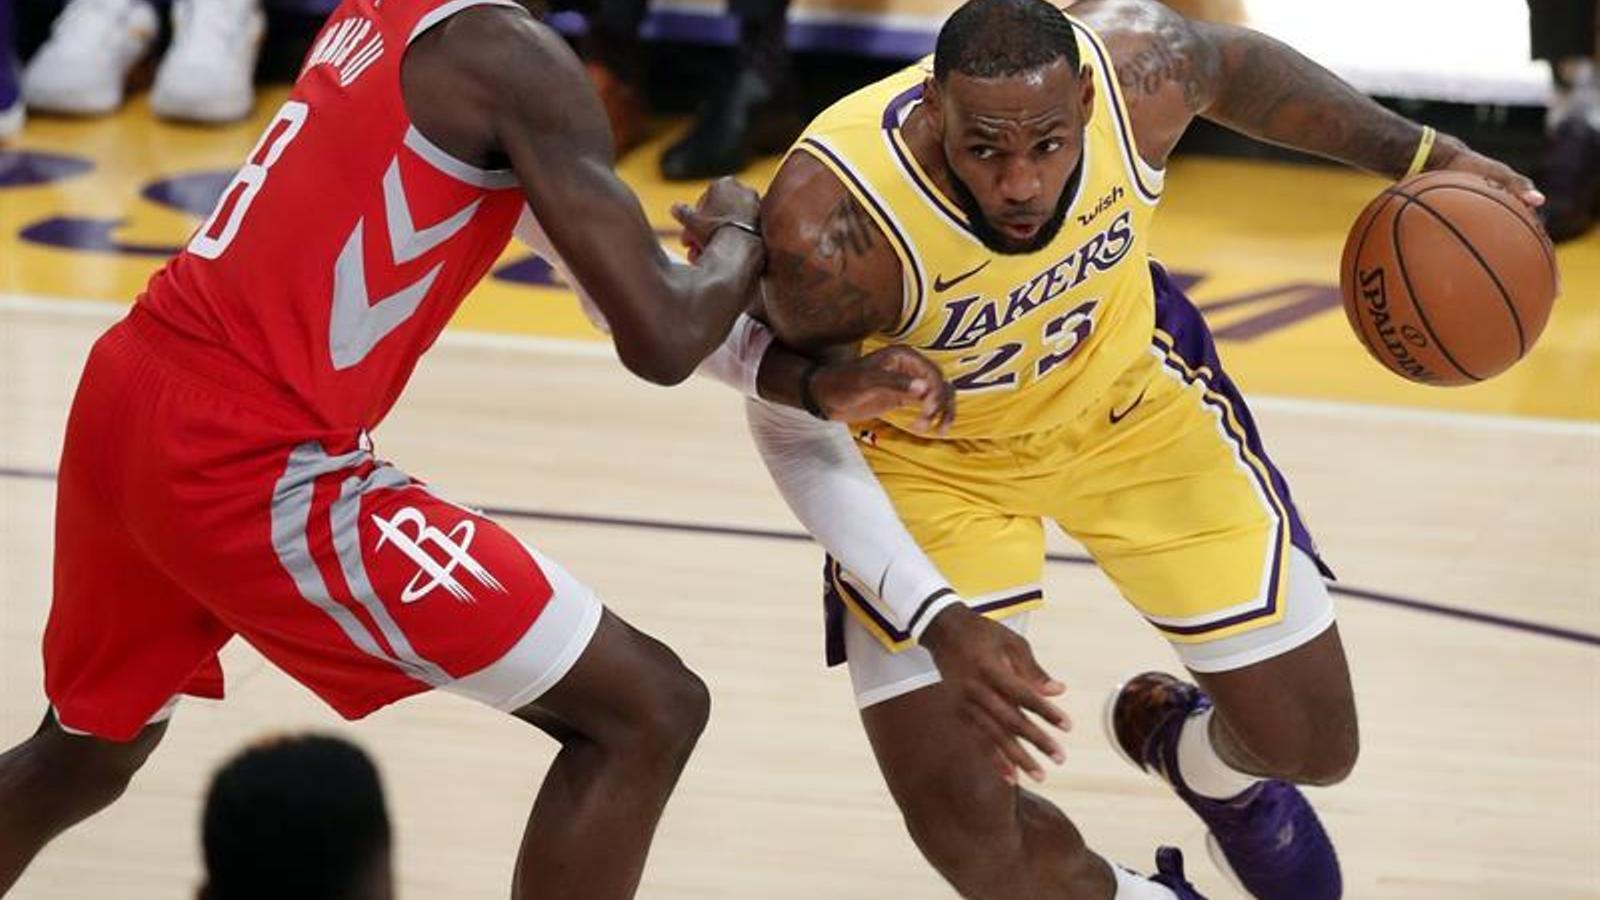 El debut de LeBron James a l'Staples acaba amb una baralla amb cops de puny